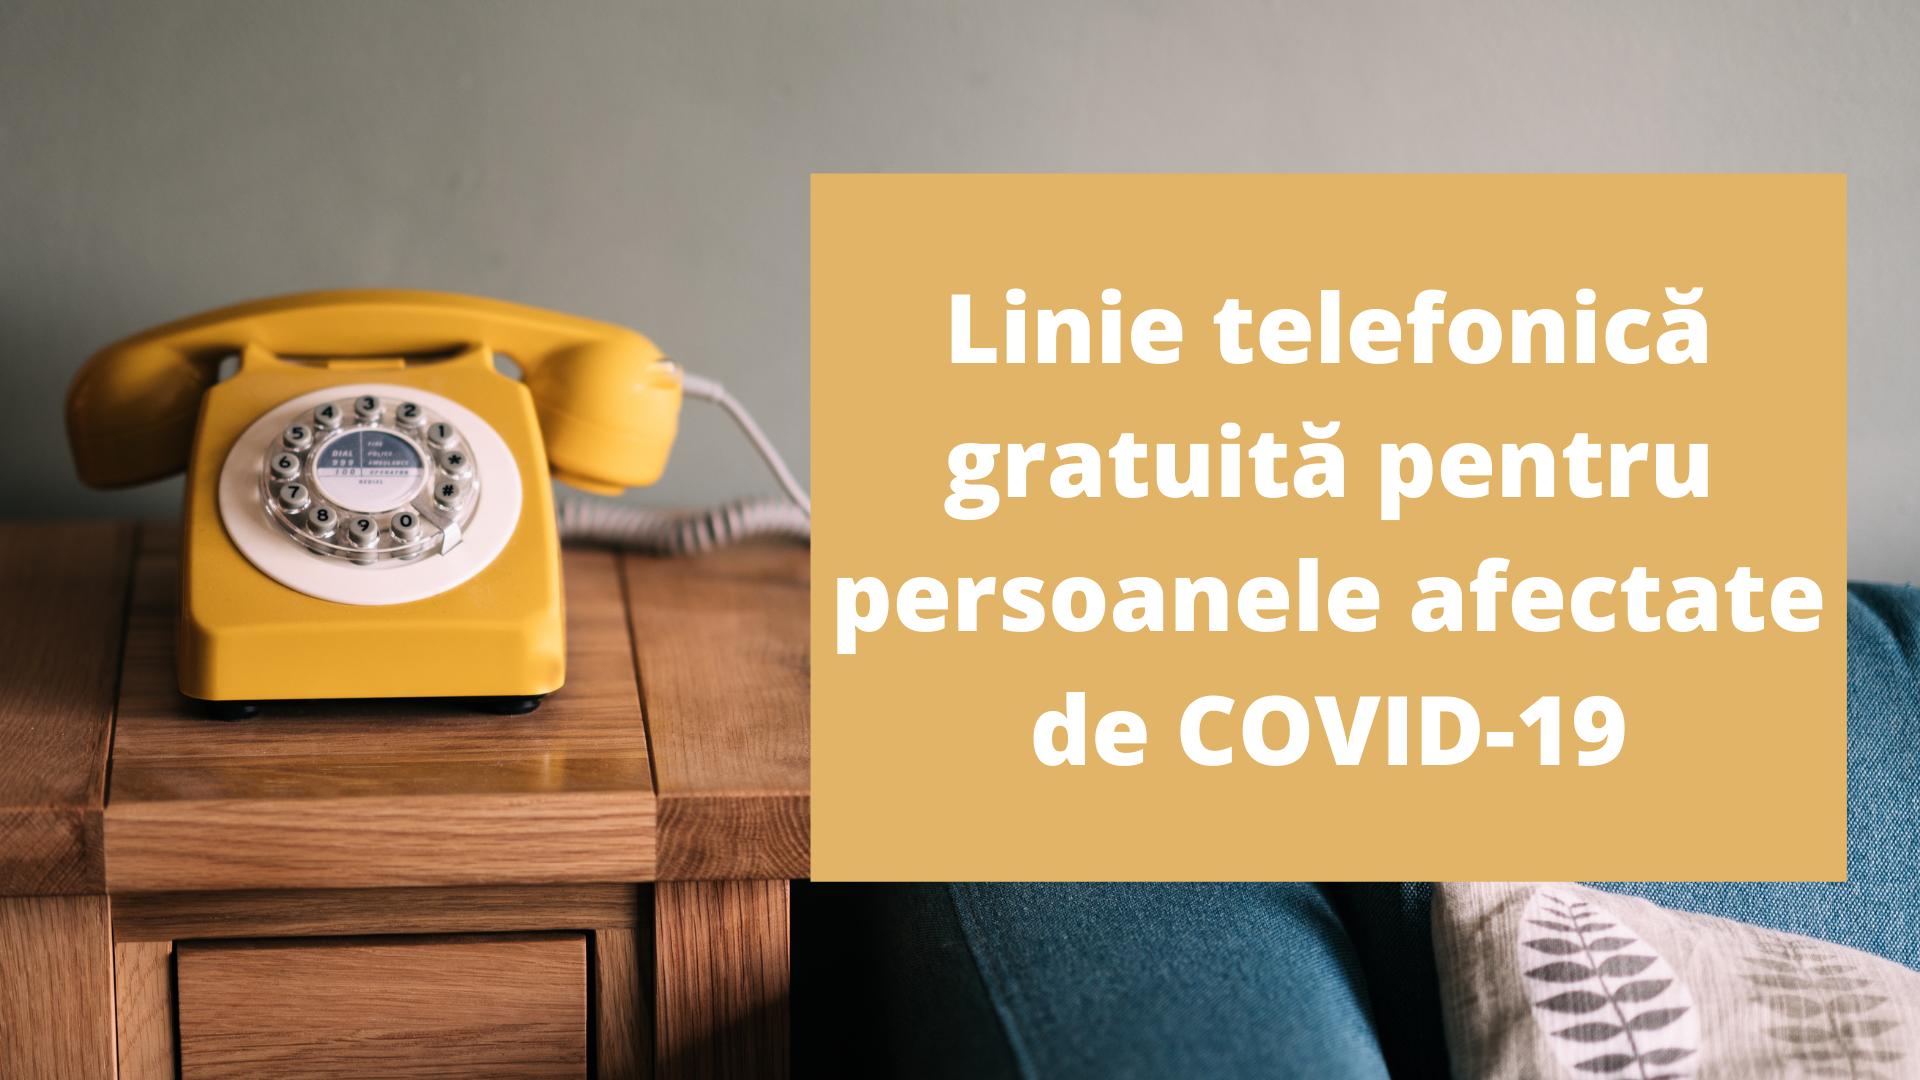 Linie telefonică gratuită de suport psihologic-emoțional pentru persoanele afectate de COVID-19, lansată de Ministerul Sănătății